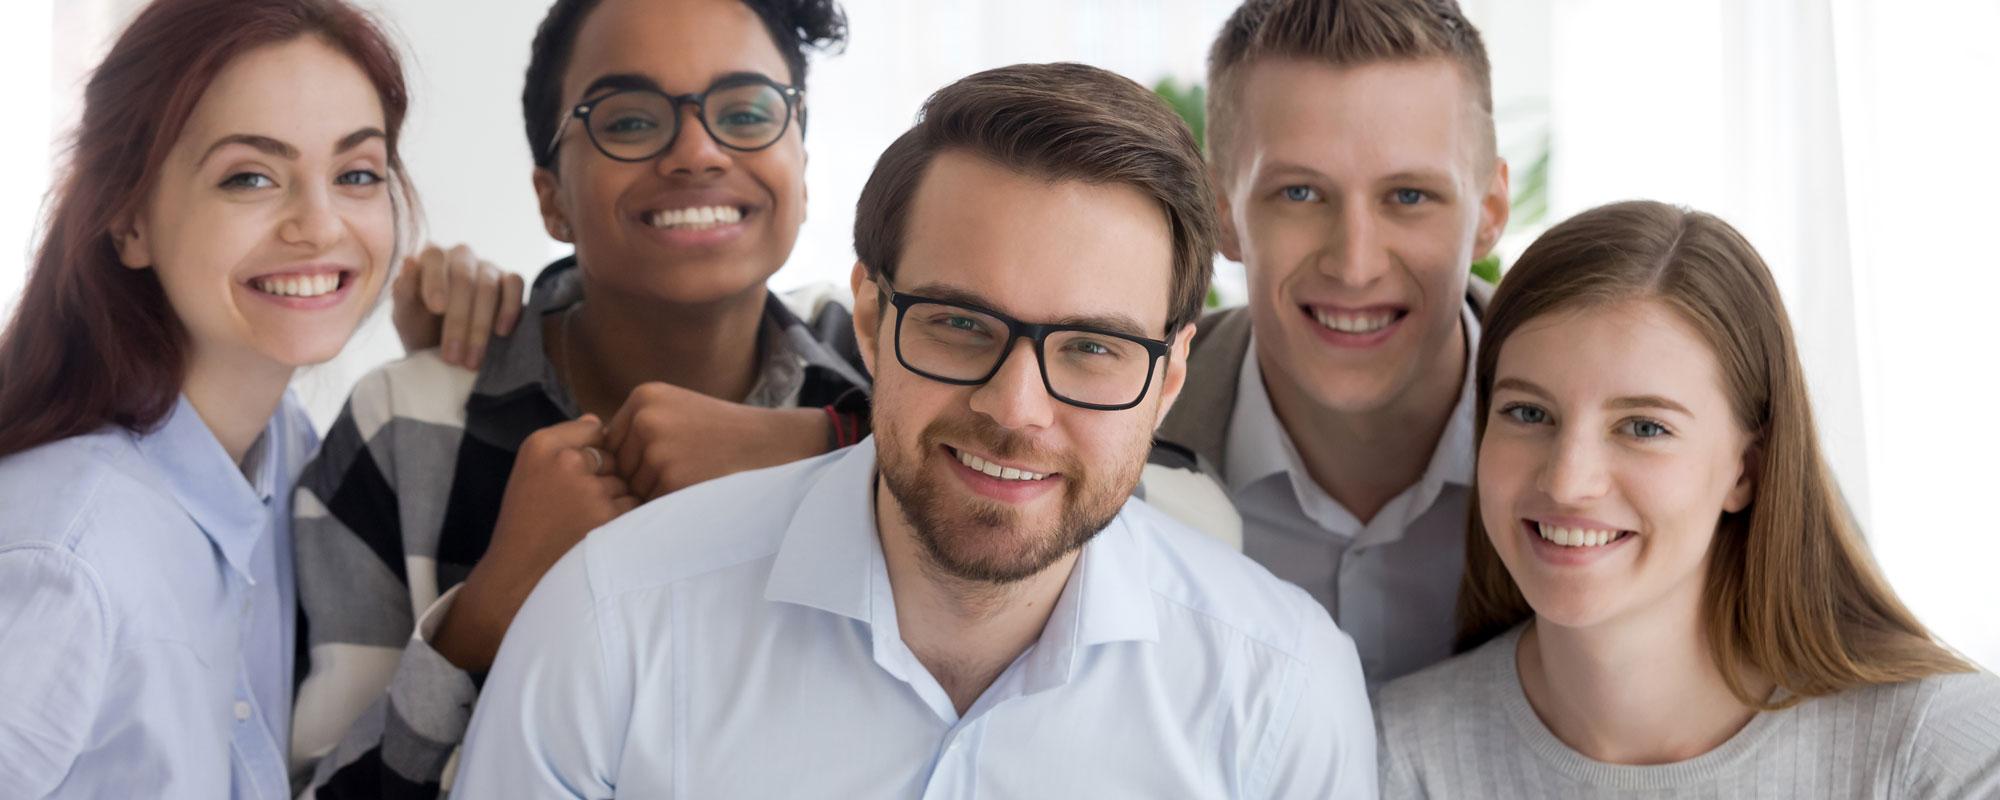 3 junge Männer und 2 Frauen stehen eng zusammen und lächeln in die Kamera.